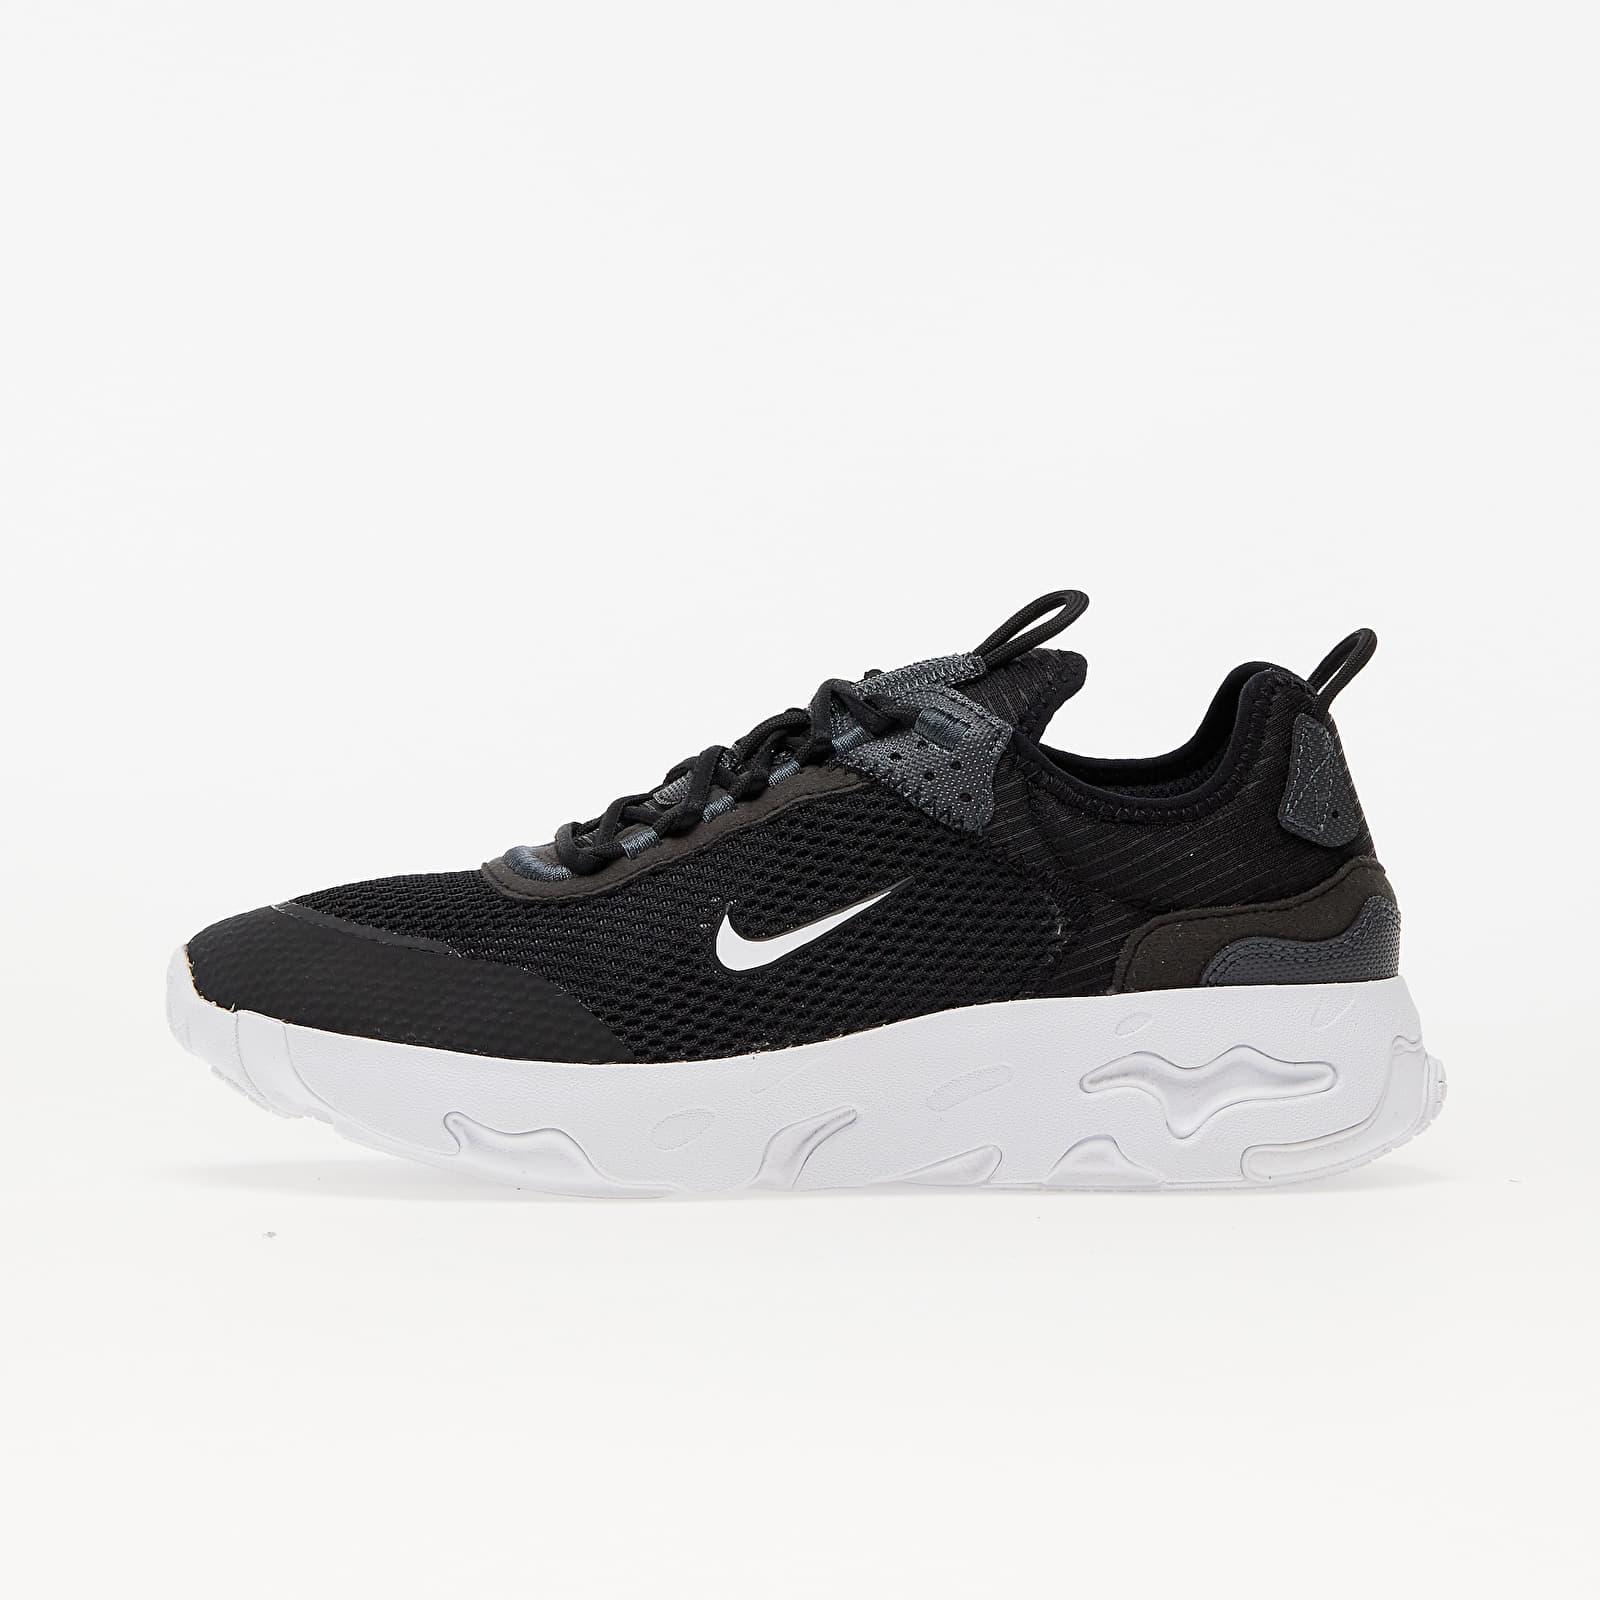 Nike React Live (GS) Black/ White-Dk Smoke Grey EUR 39